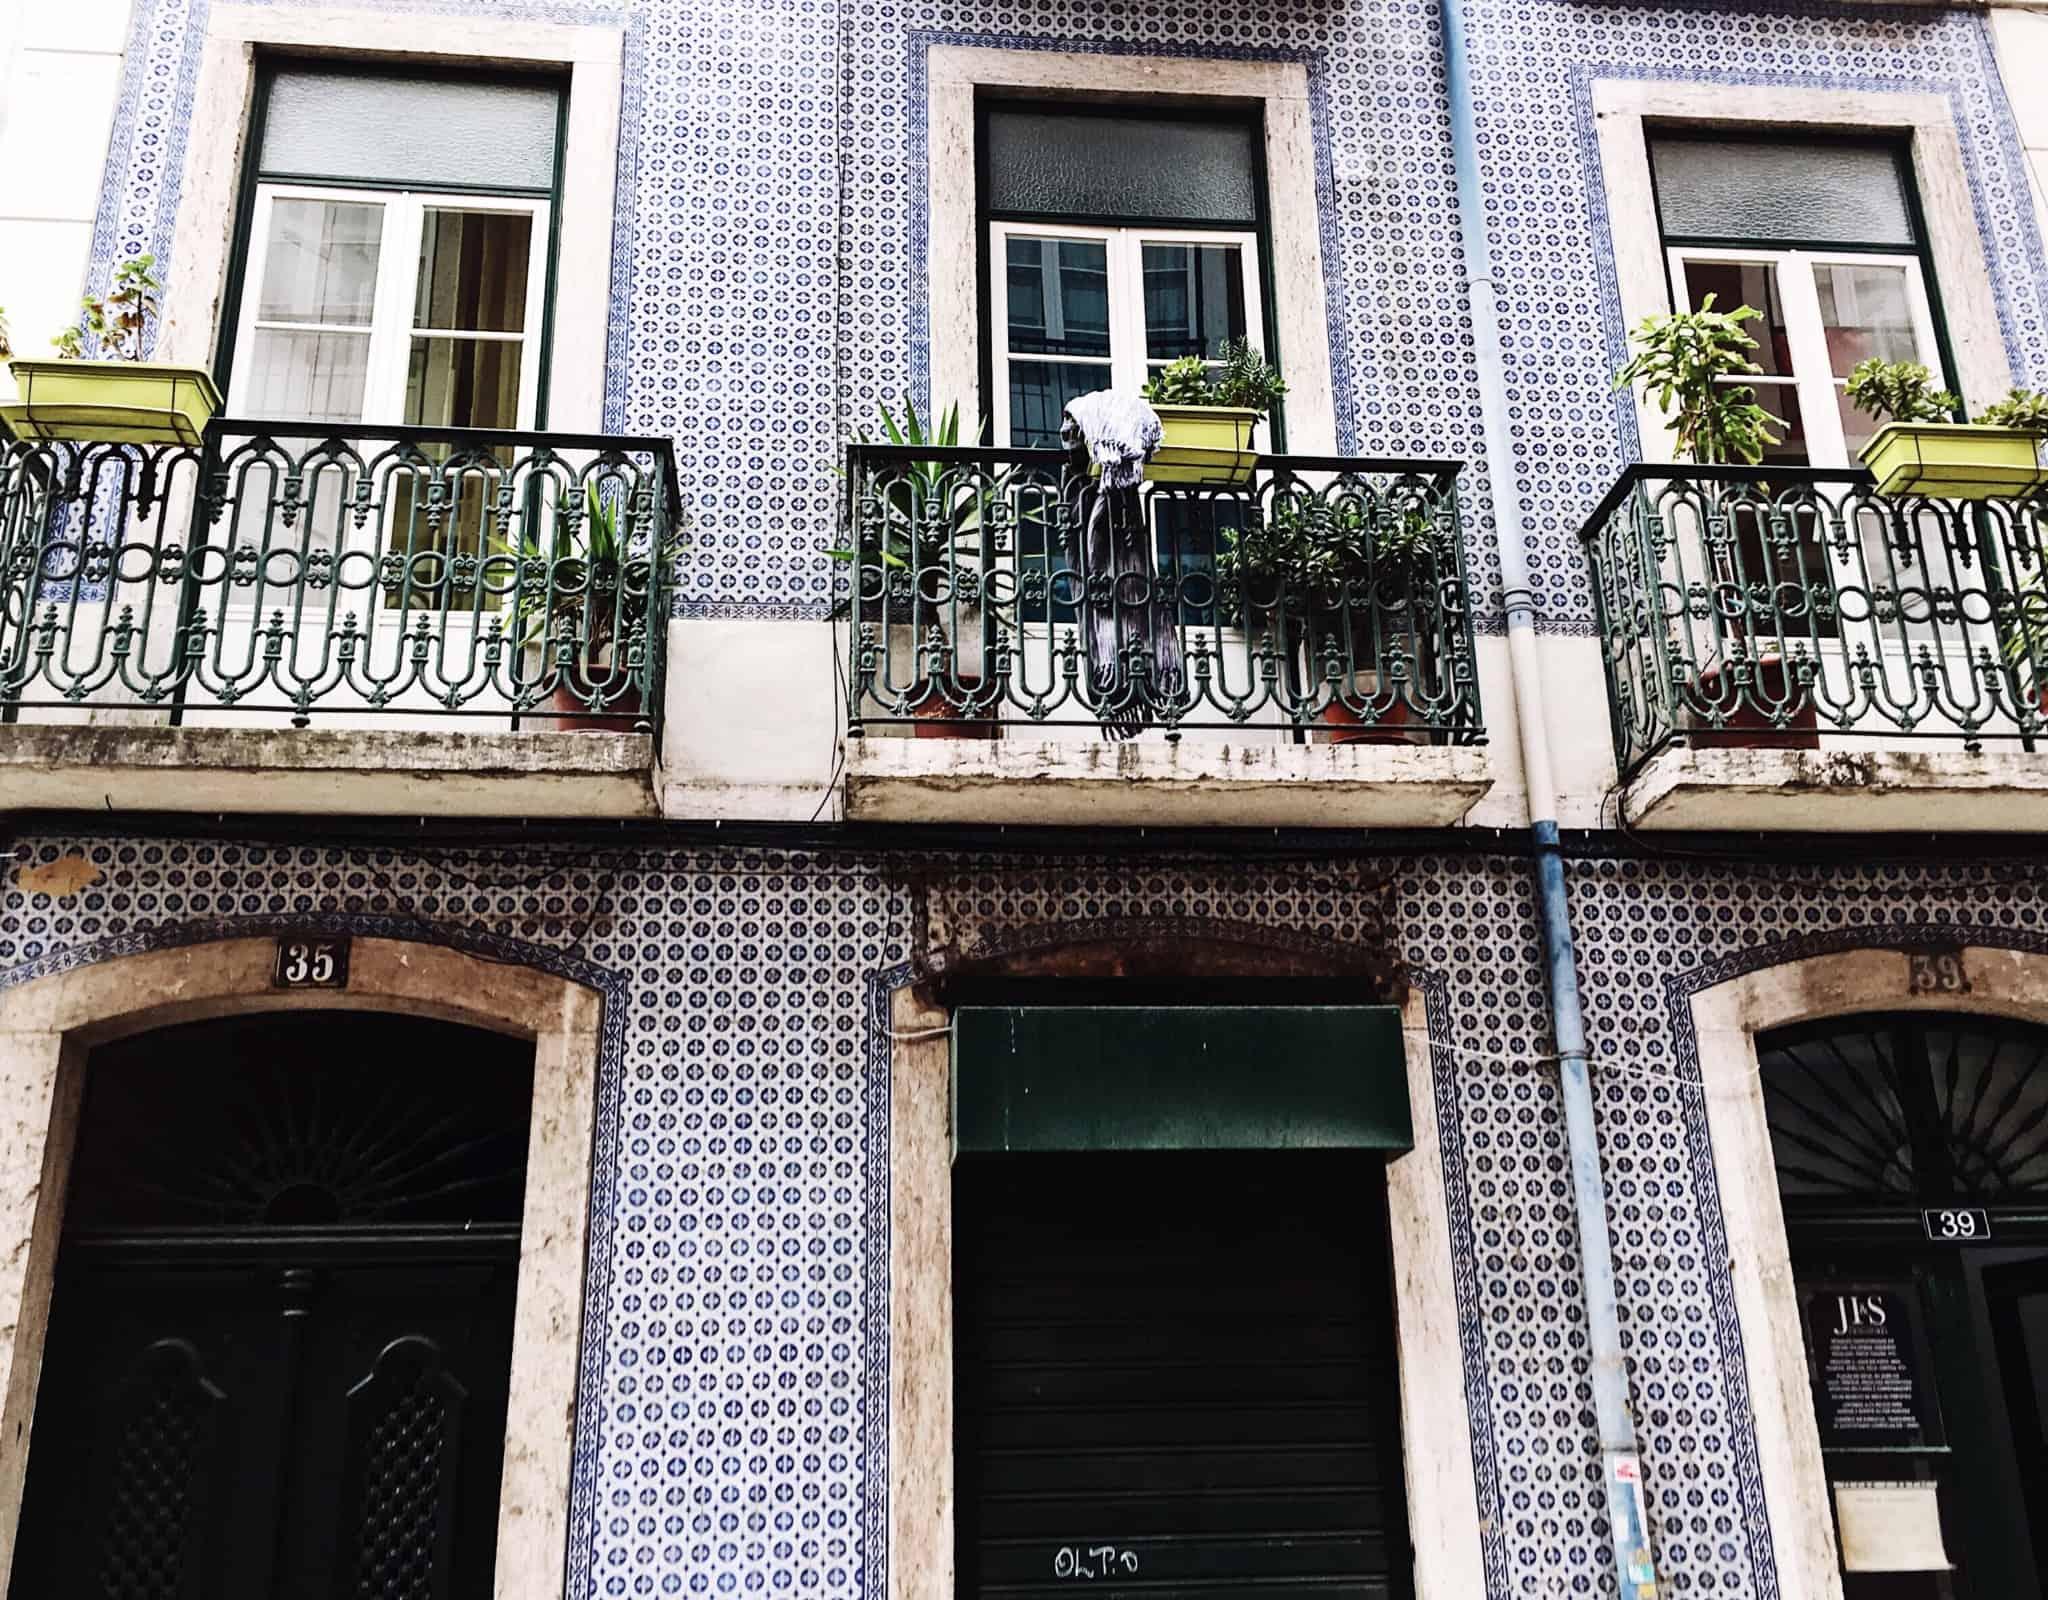 janelas de um prédio em lisboa com azuleijos